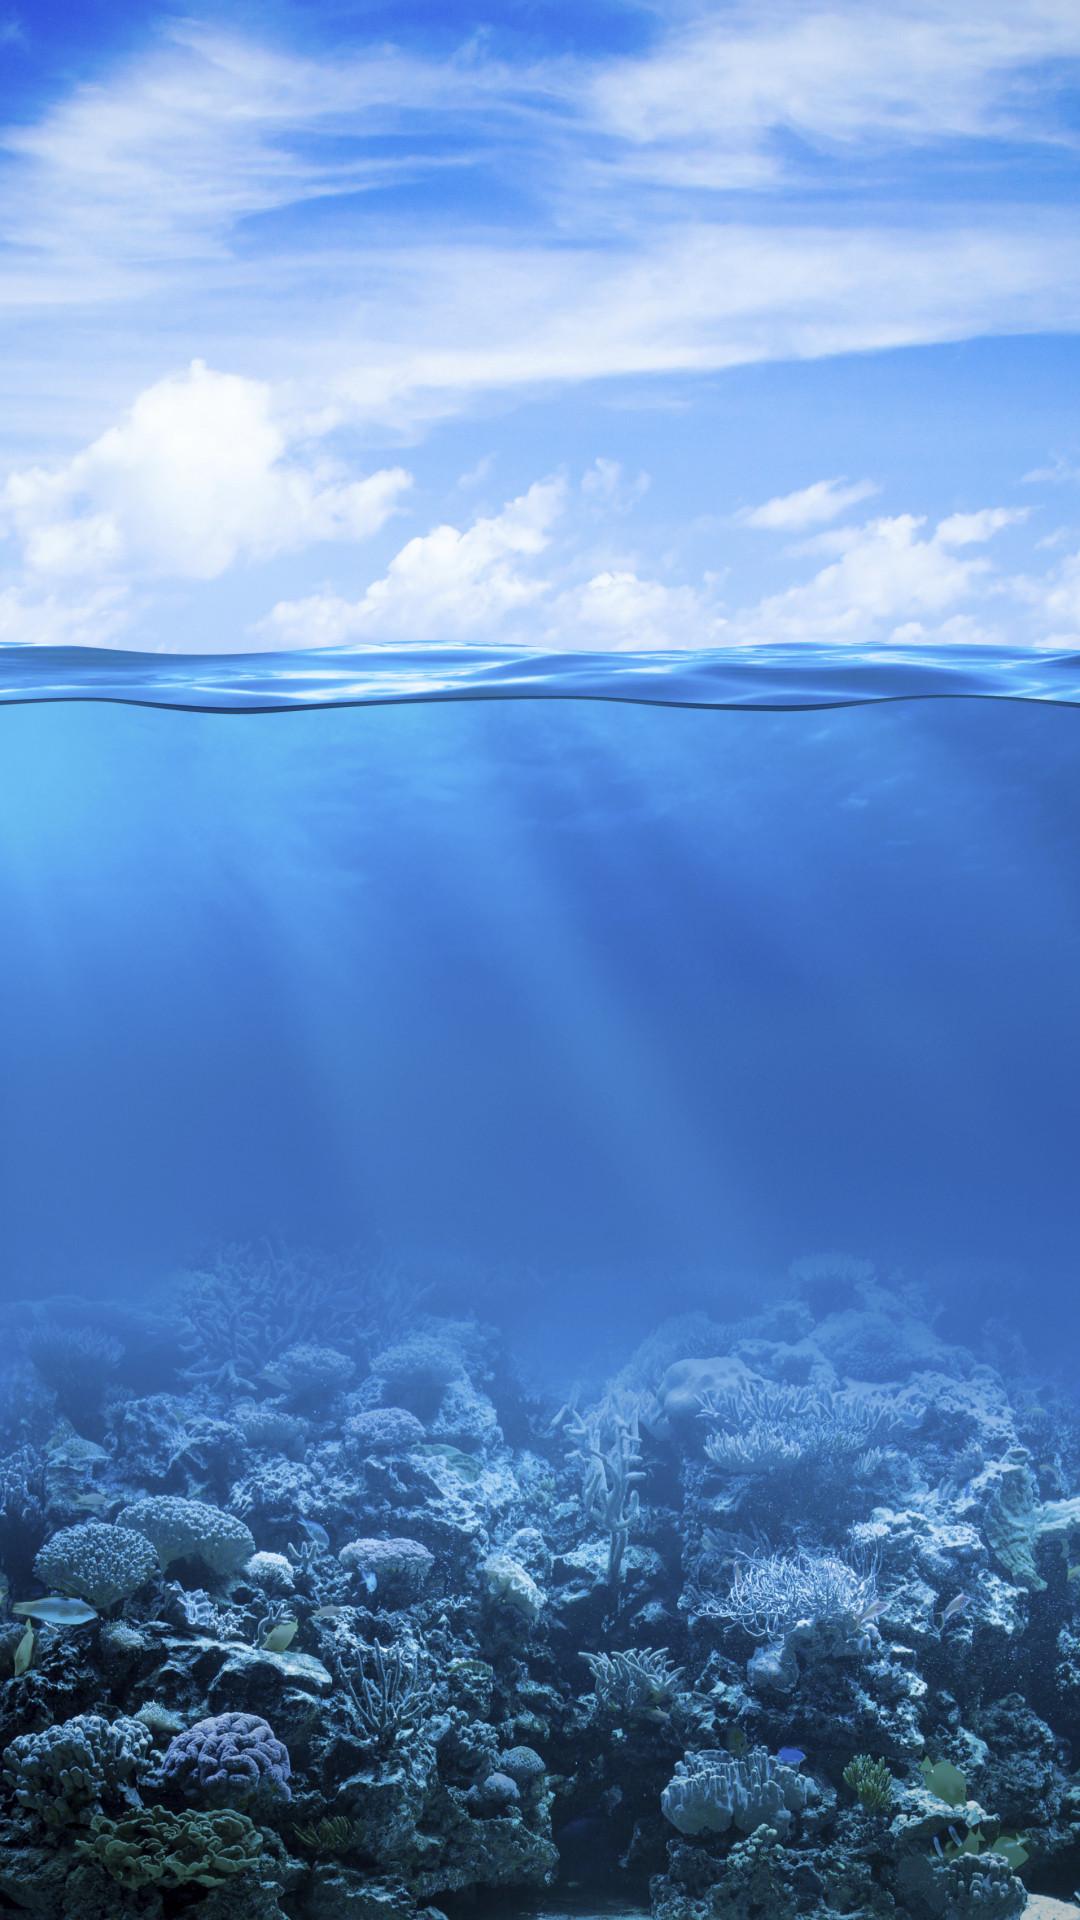 Ảnh nền biển xanh dương